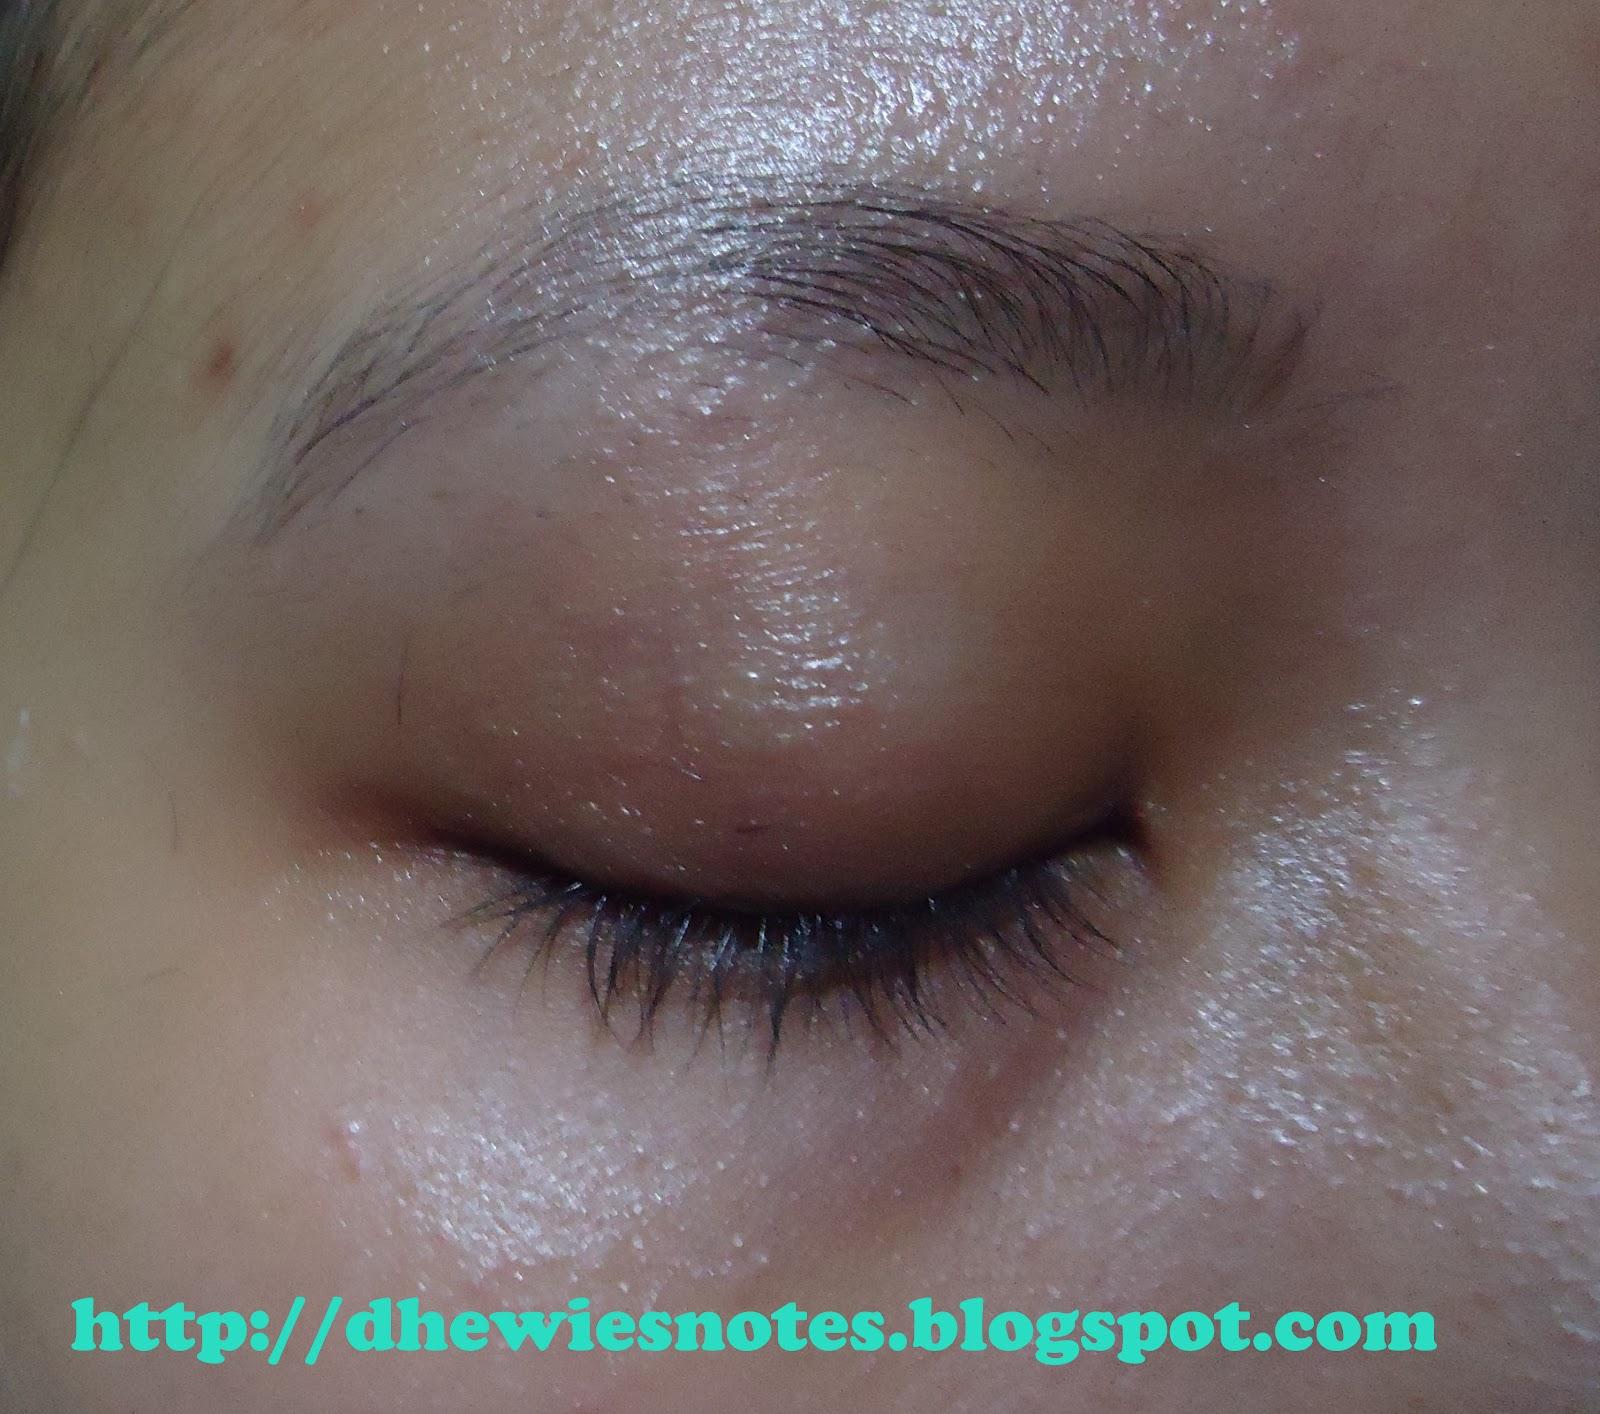 Step selanjutnya bersihkan eyeliner dan bulu bulu yang dicukur hasilnya seperti gambar diatas Maaf ya karena terlalu asyik gak sadar kalo ambil fotonya